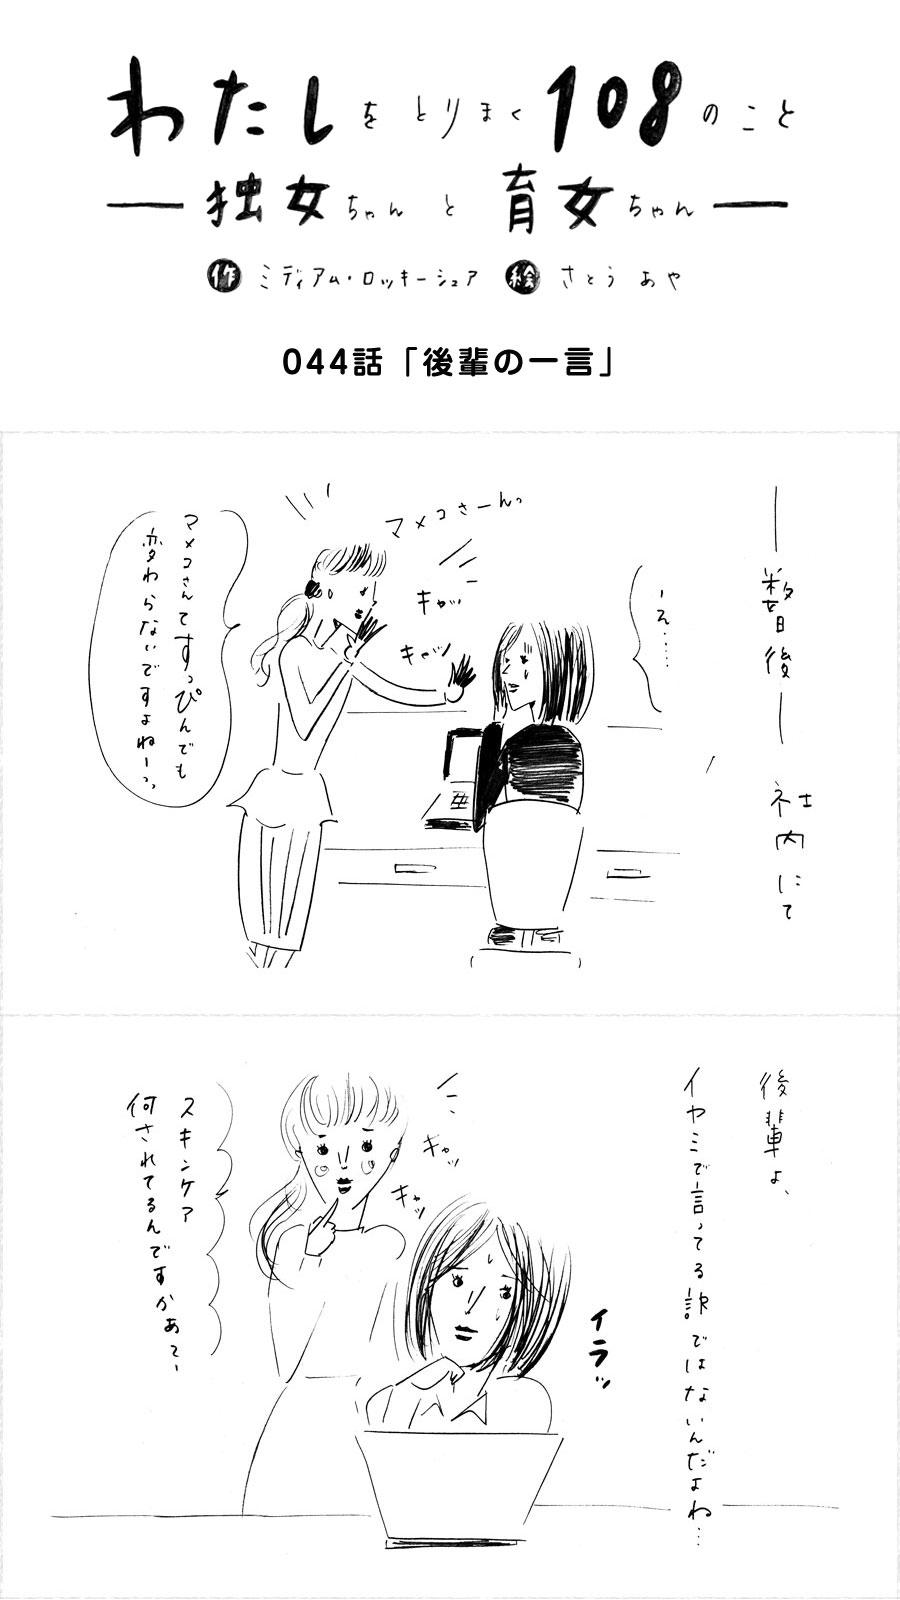 044_後輩の一言_独女ちゃん_000